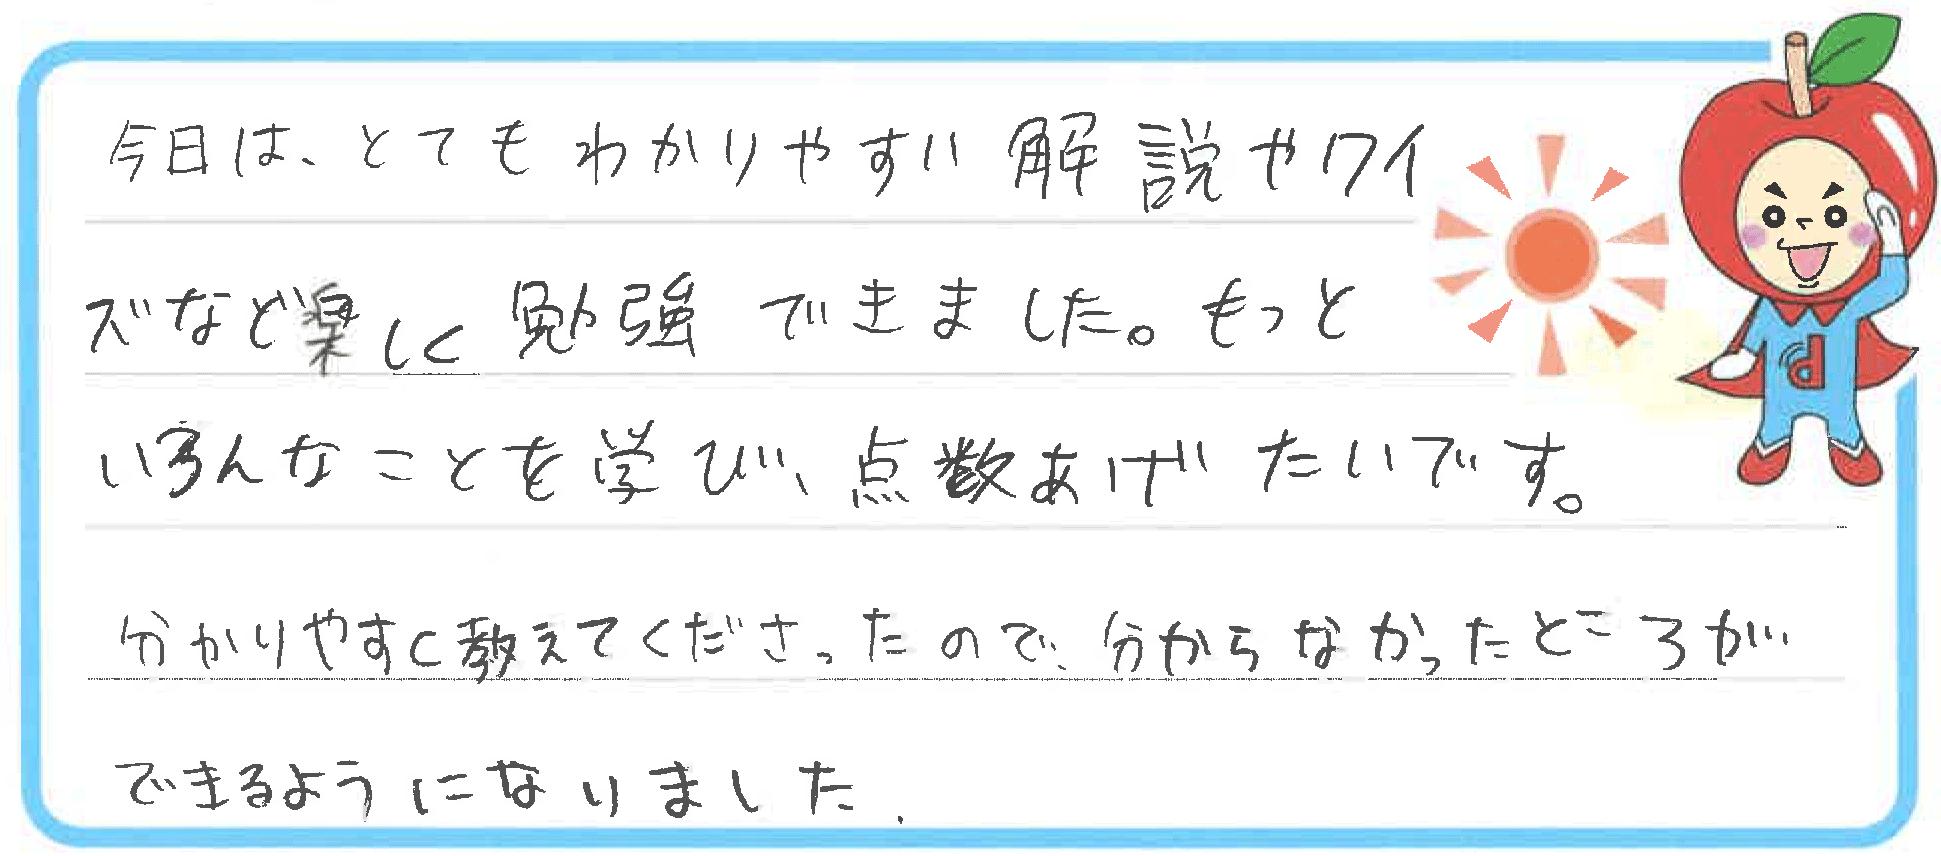 AAちゃん(大野市)からの口コミ